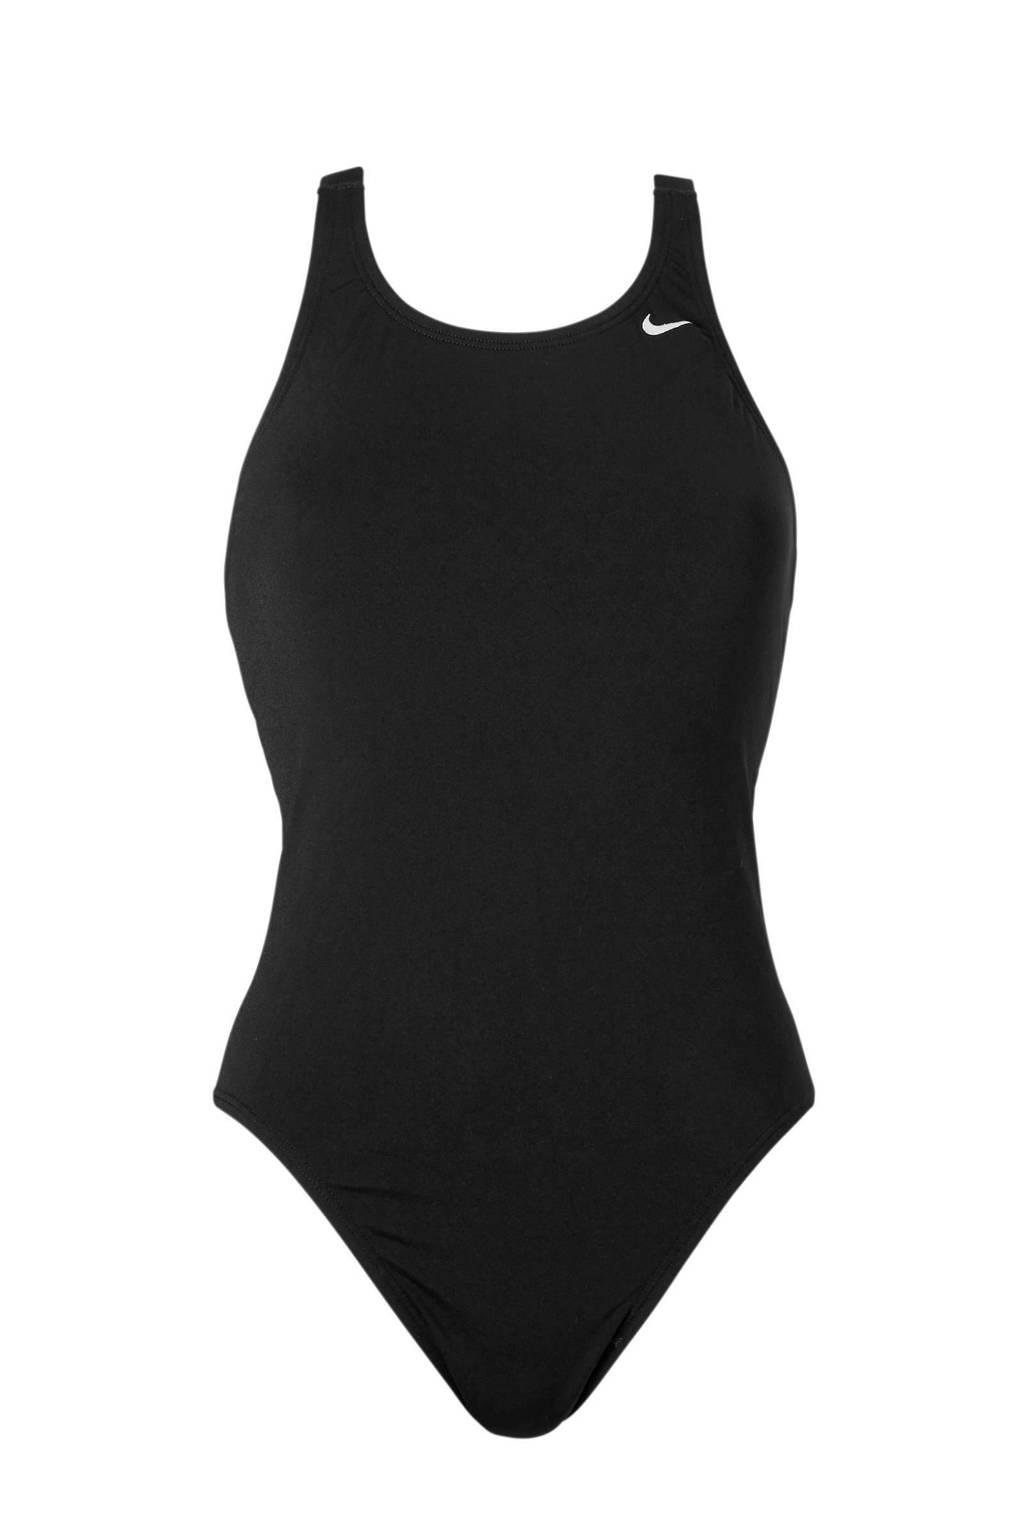 Nike sportbadpak, Zwart